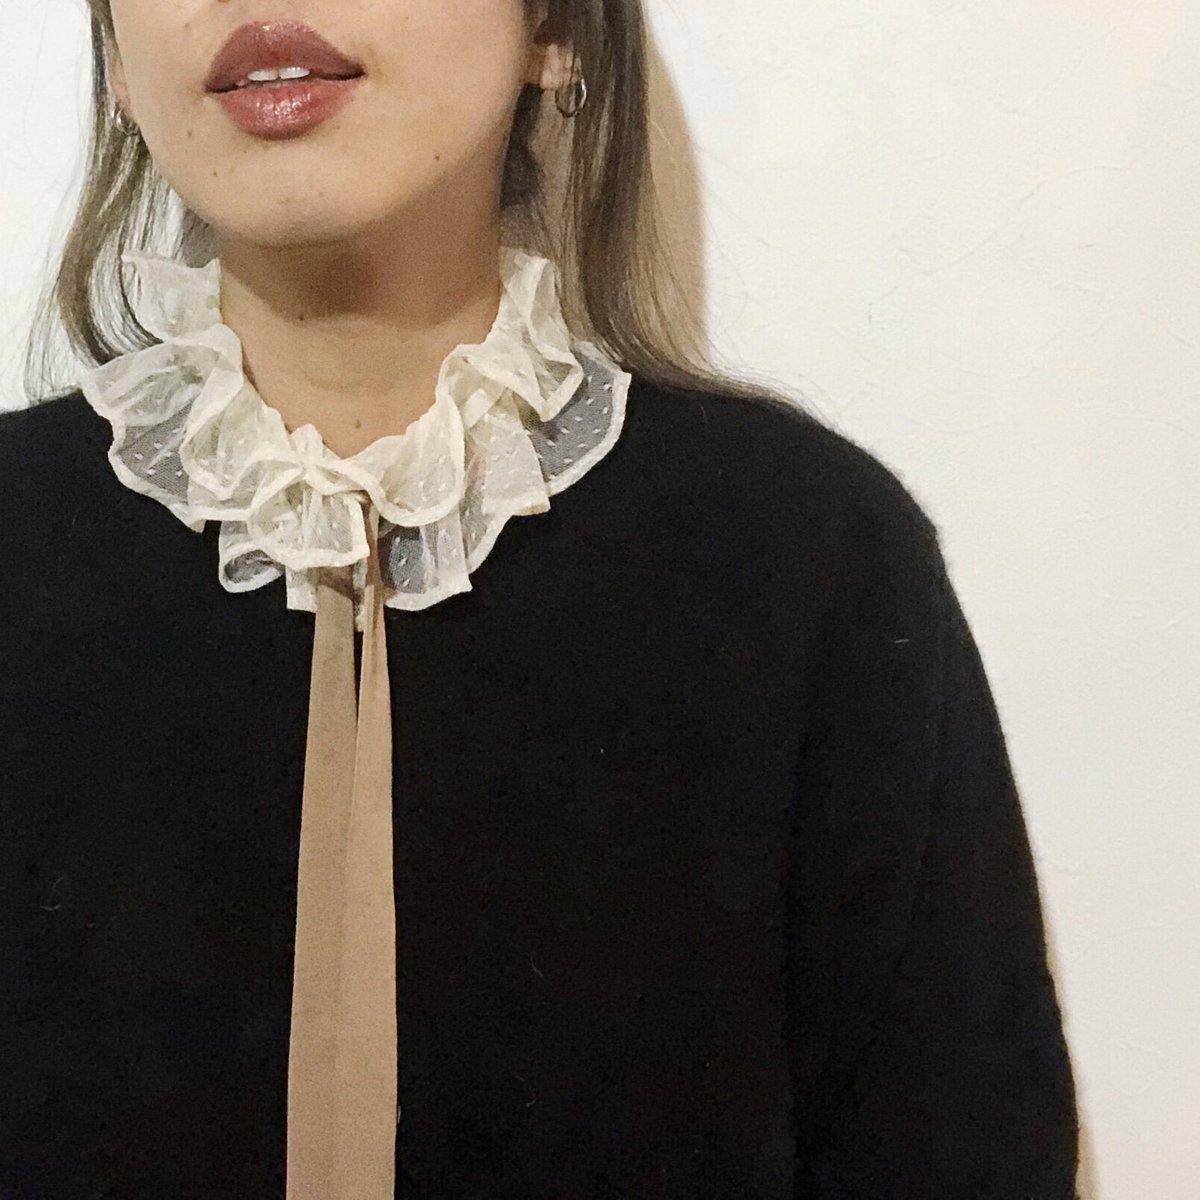 2020-21AW furuta  ドットチュールブラウスは フリル衿が別付け。 フリル衿を外せばノーカラーブラウスに。  アイボリーと黒の展開色です。  #furuta #fashion #collection #look #lookbook #tokyo #tokyofashion #japanpic.twitter.com/lMRFCQ4idd